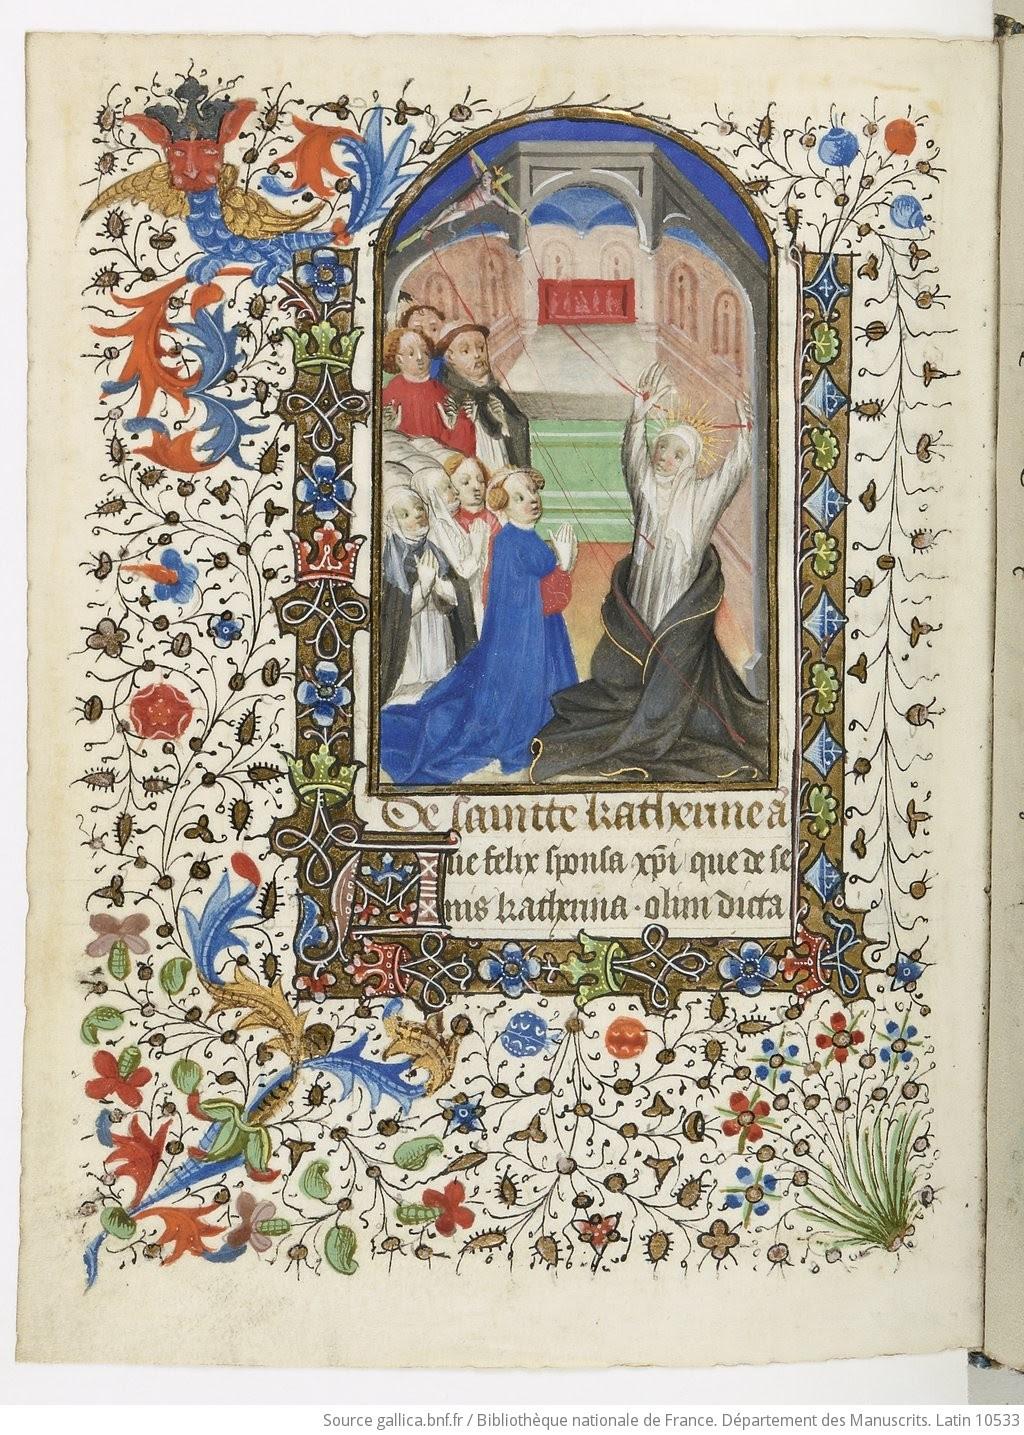 http://gallica.bnf.fr/ark:/12148/btv1b10318624f/f274.highres